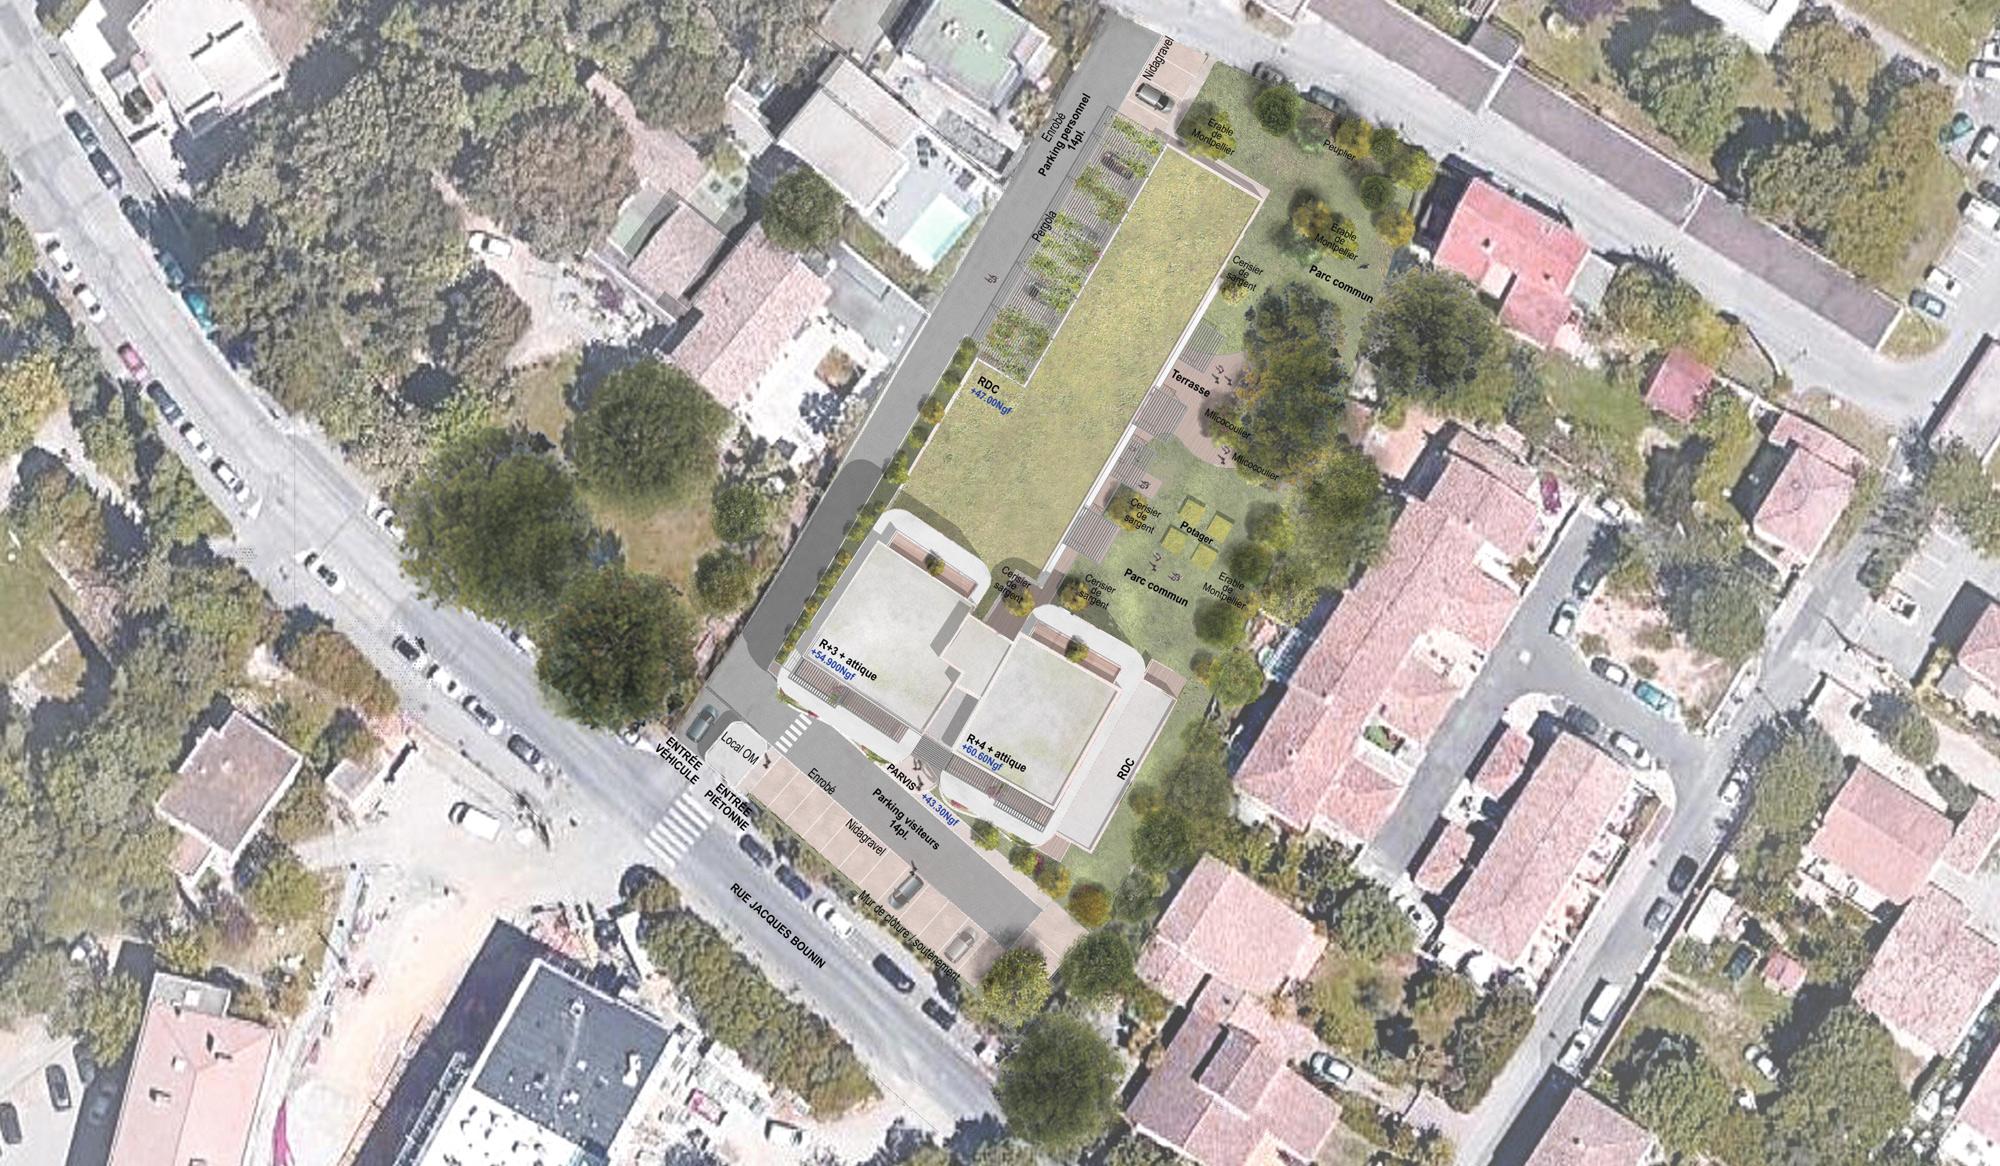 Plan de masse - Résidence autonomie Jean Péridier de 55 logements Montpellier